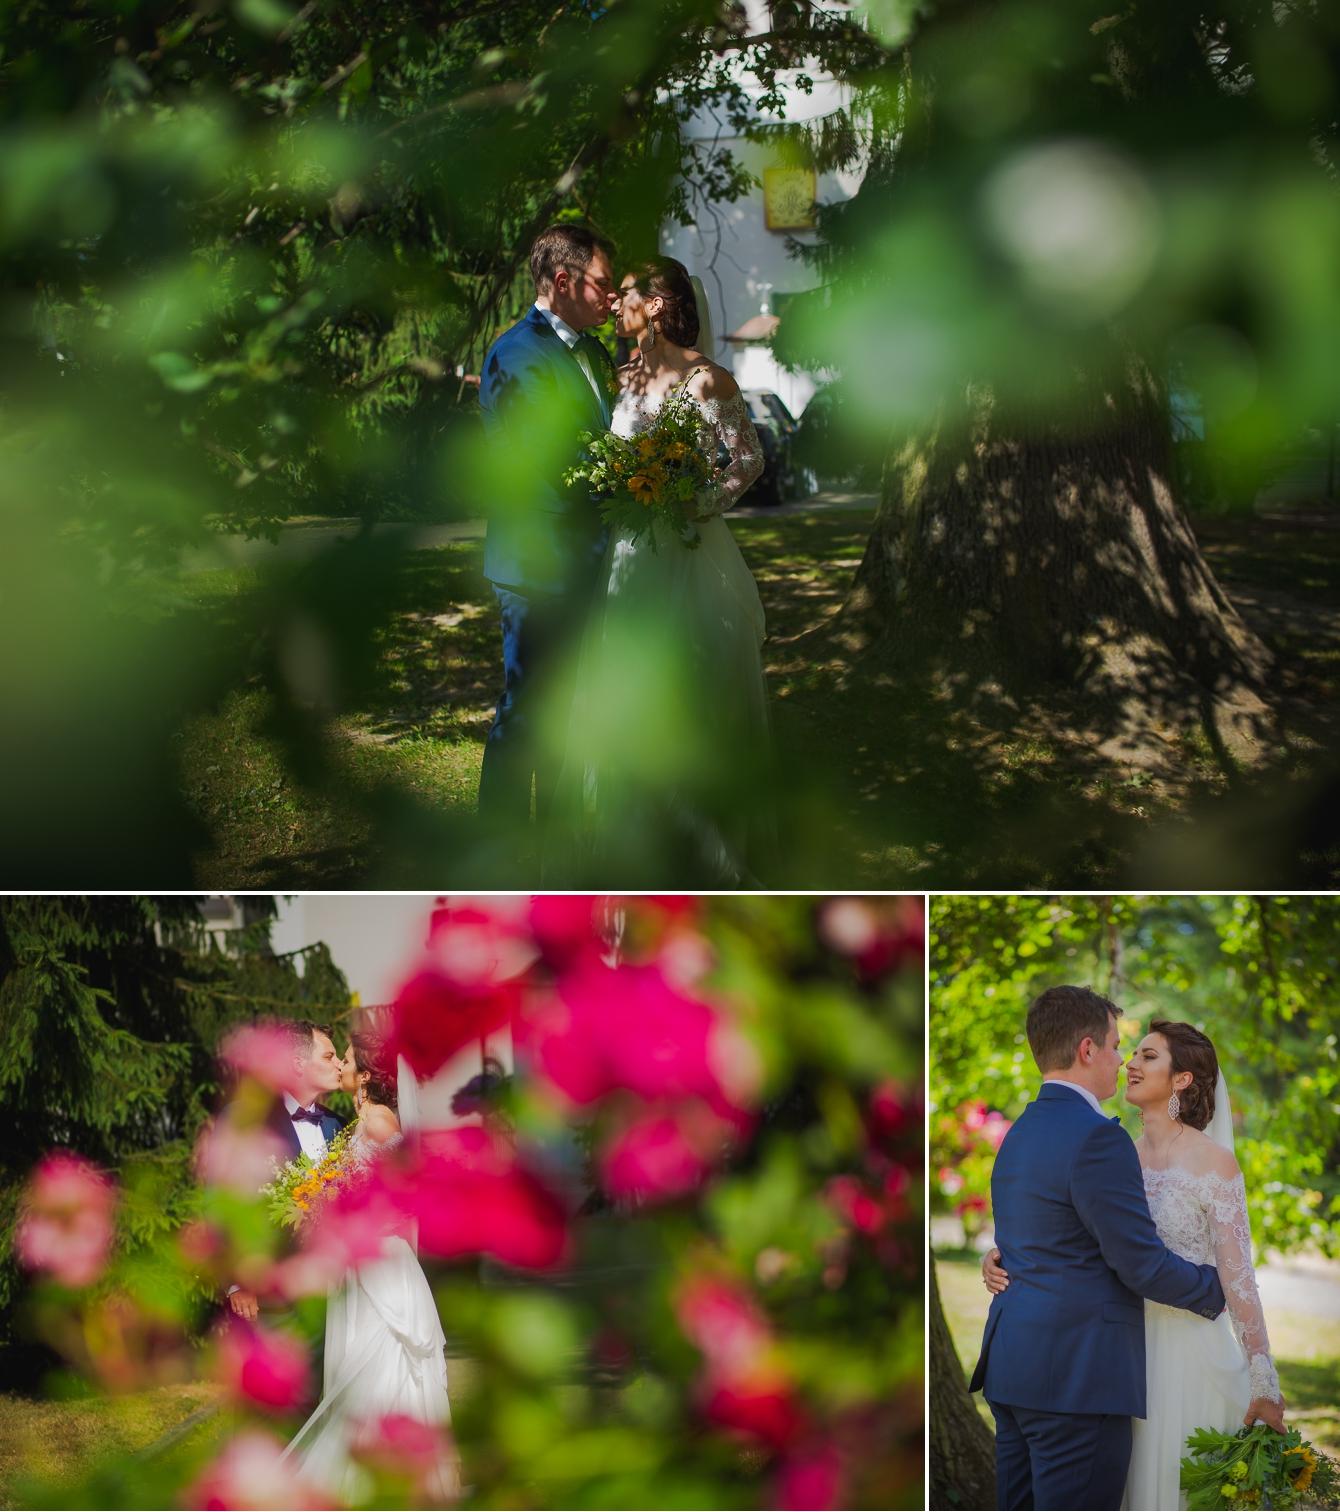 Ania i Damian - ślub w górach - Kocierz SPA - fotografia ślubna - bartek Wyrobek  (13).jpg